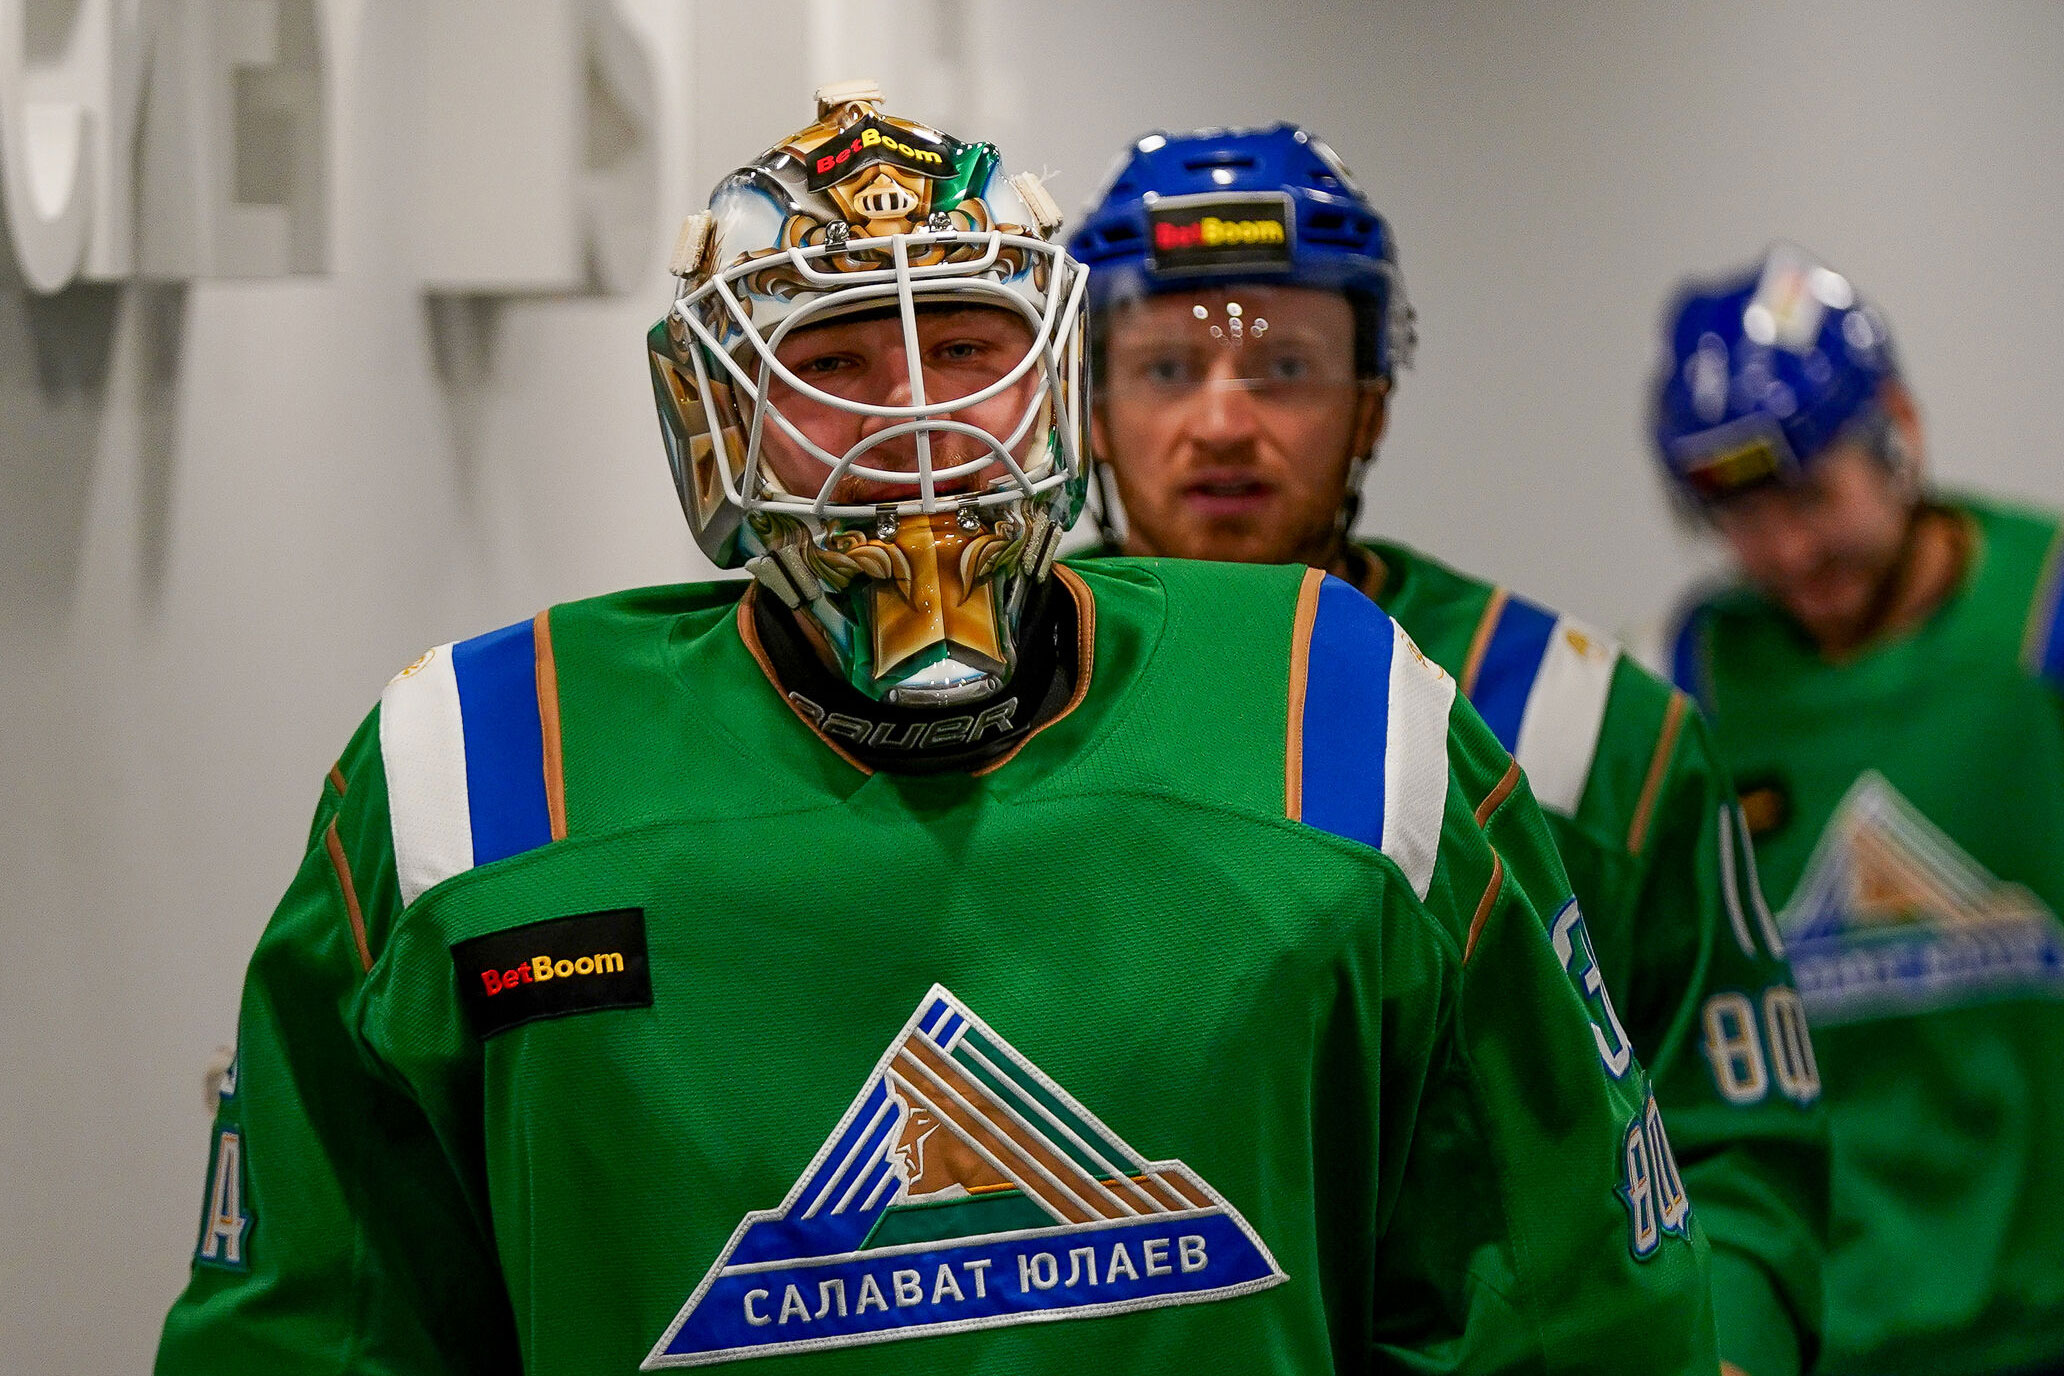 http://russia-hockey.ru/upload/iblock/162/162f7de60ffe63532e694d8b064b7f93.jpg